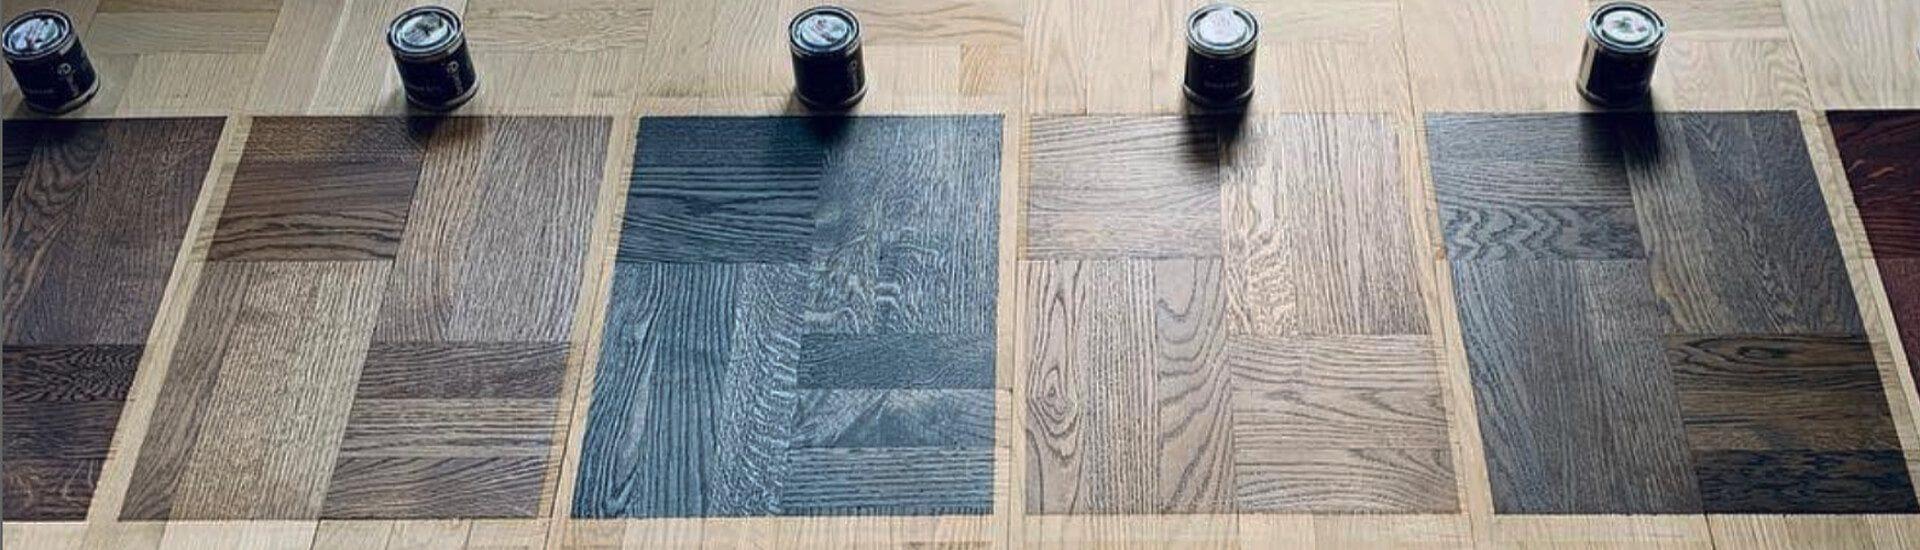 kleuren-op-vloer-2